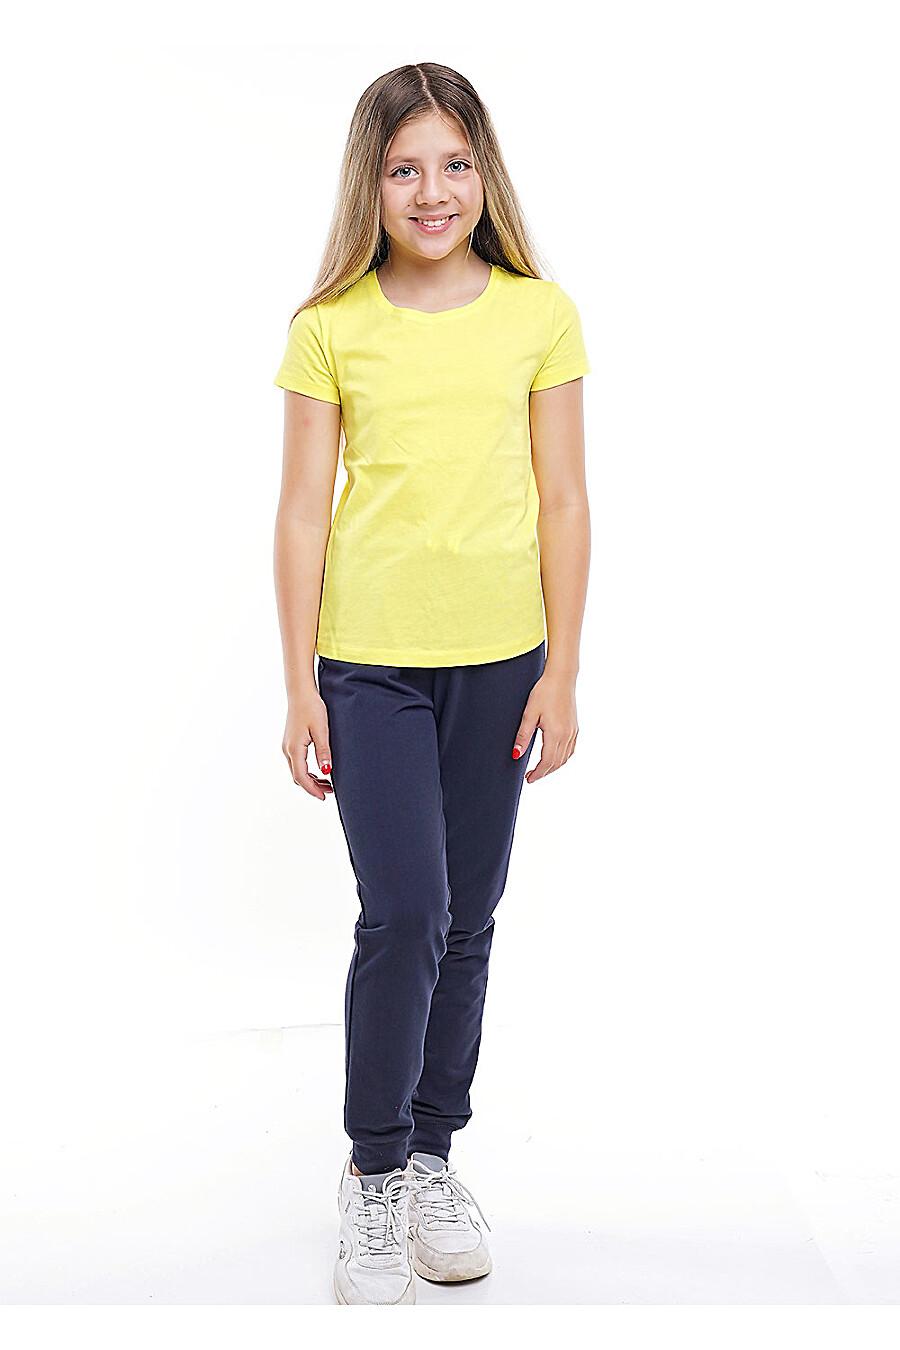 Футболка для девочек CLEVER 155524 купить оптом от производителя. Совместная покупка детской одежды в OptMoyo